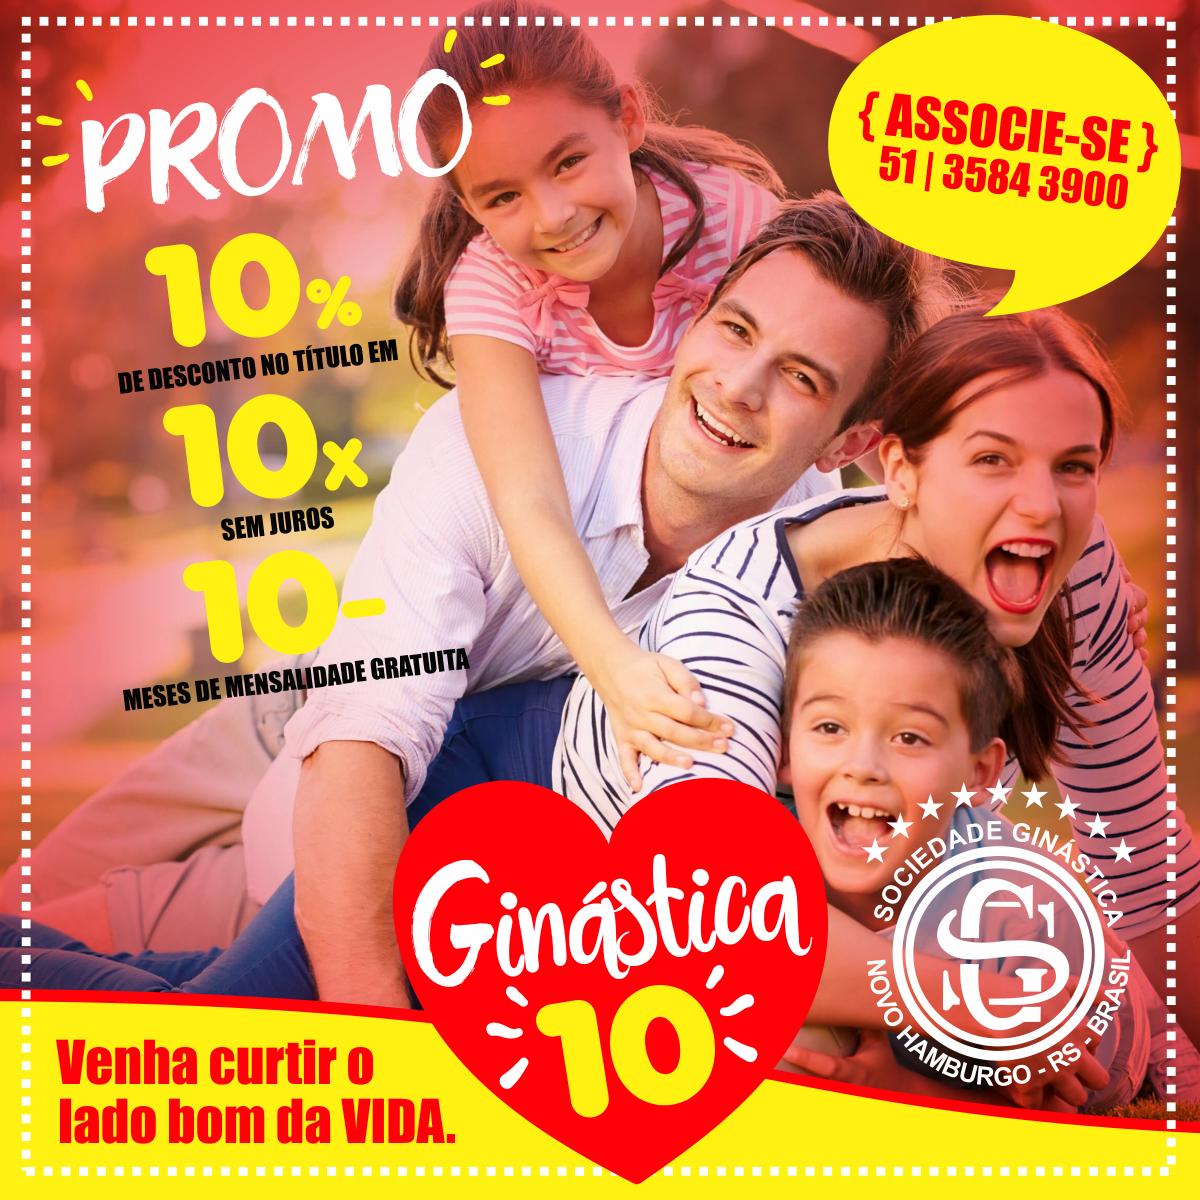 Campanha GINÁSTICA 10: Venha curtir o lado bom da vida!!!